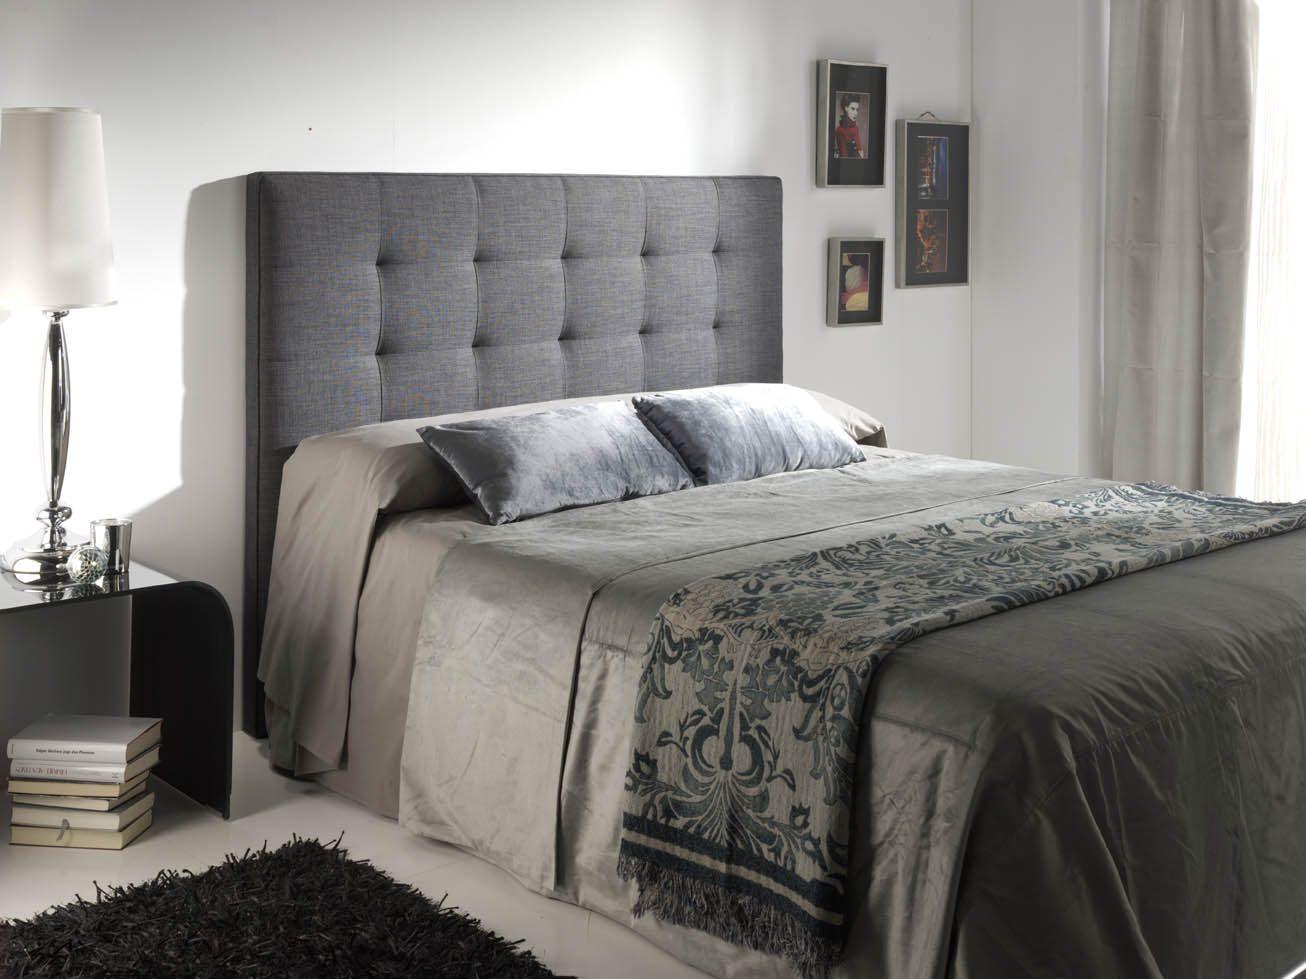 Cabeceros tapizados mobiliario hd - Cabeceros tapizados tela ...